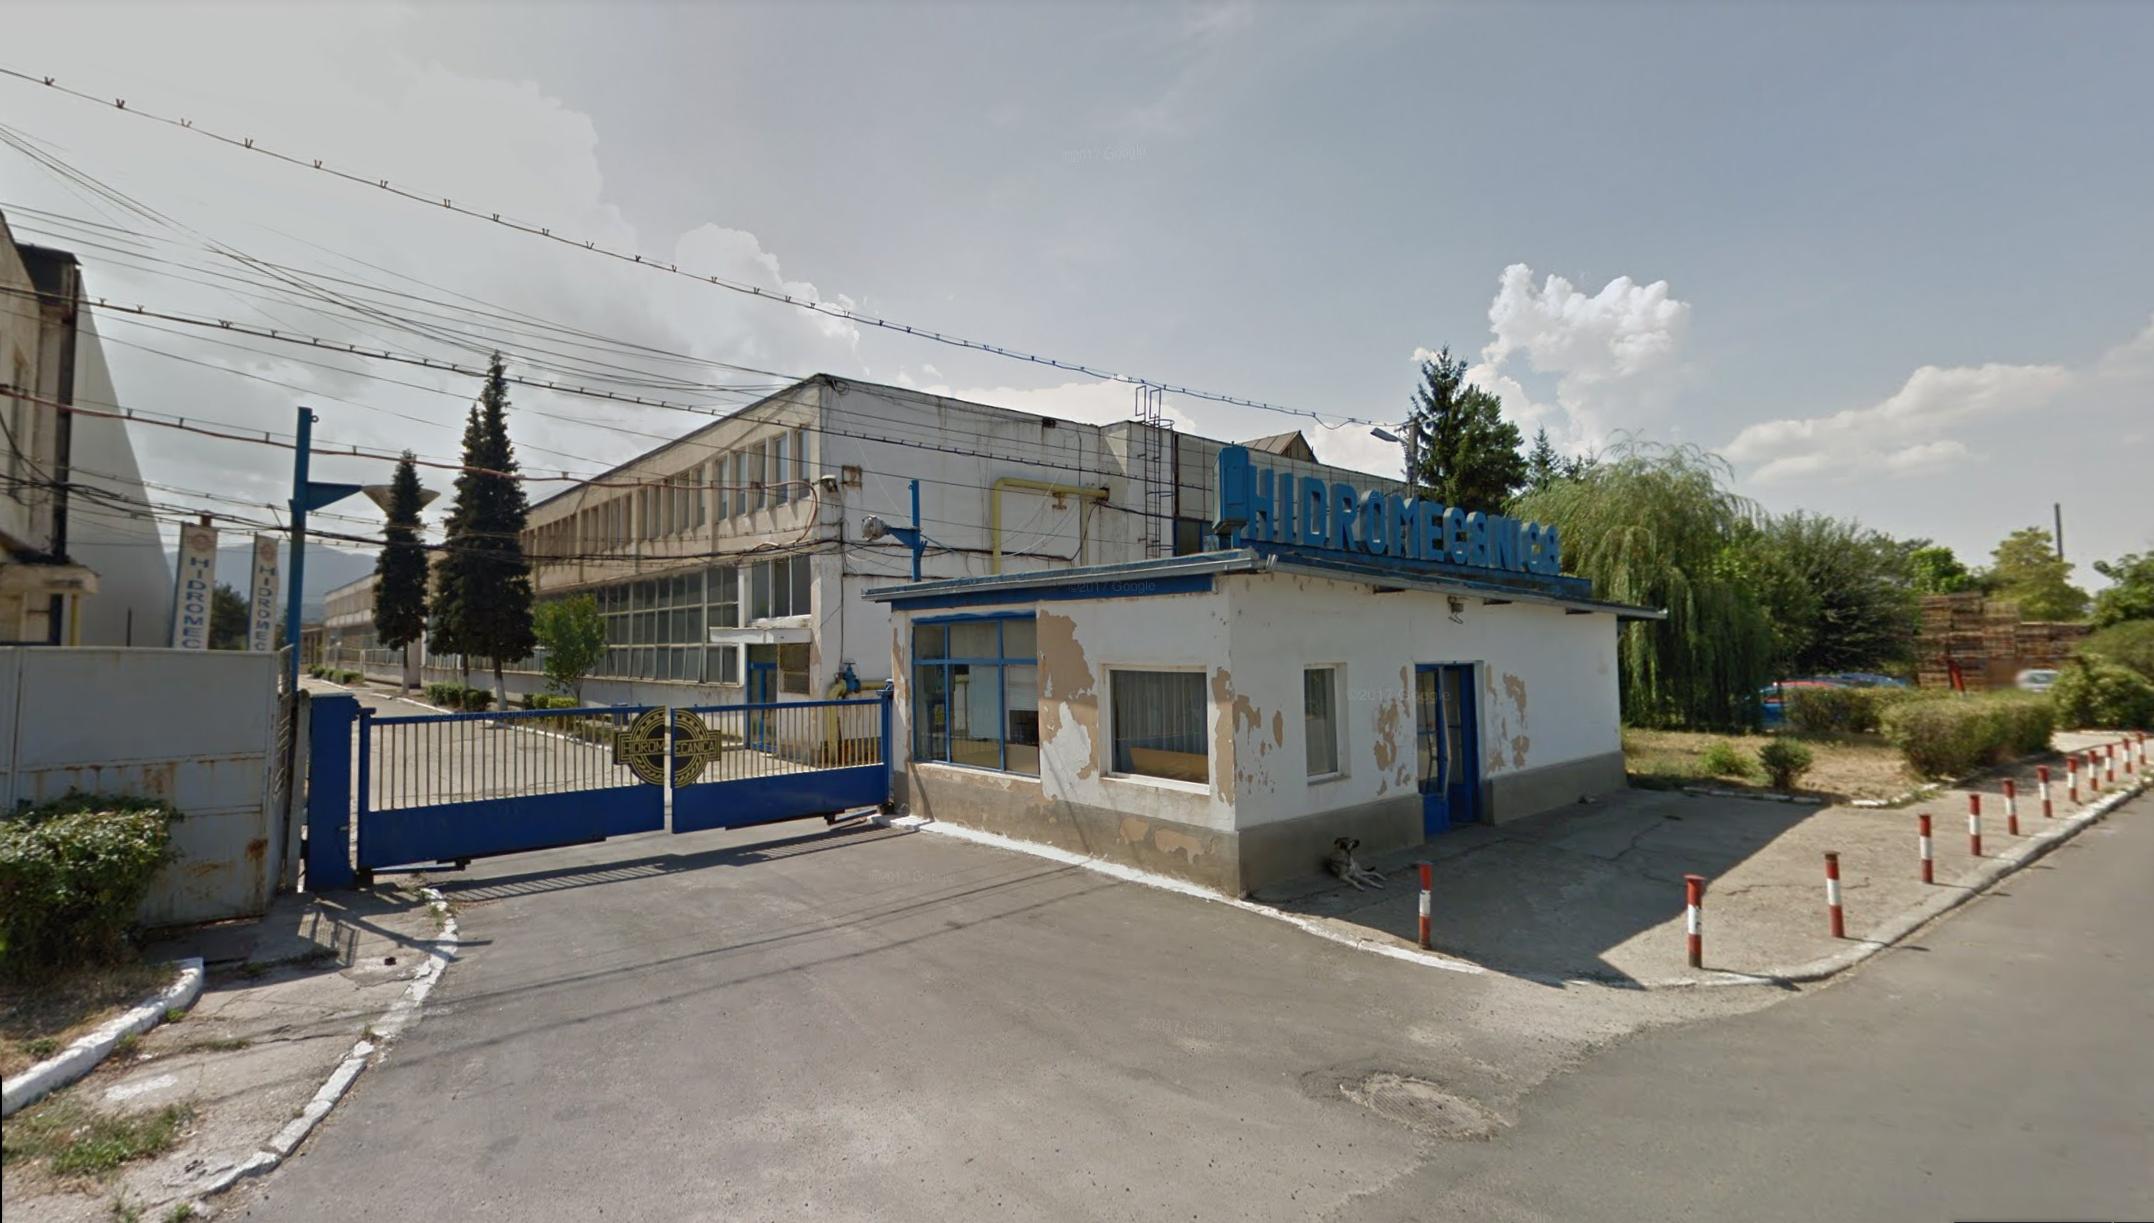 Fosta uzină Hidromecanica Braşov, intrată în faliment după 135 de ani de activitate a fost scoasă la vânzare